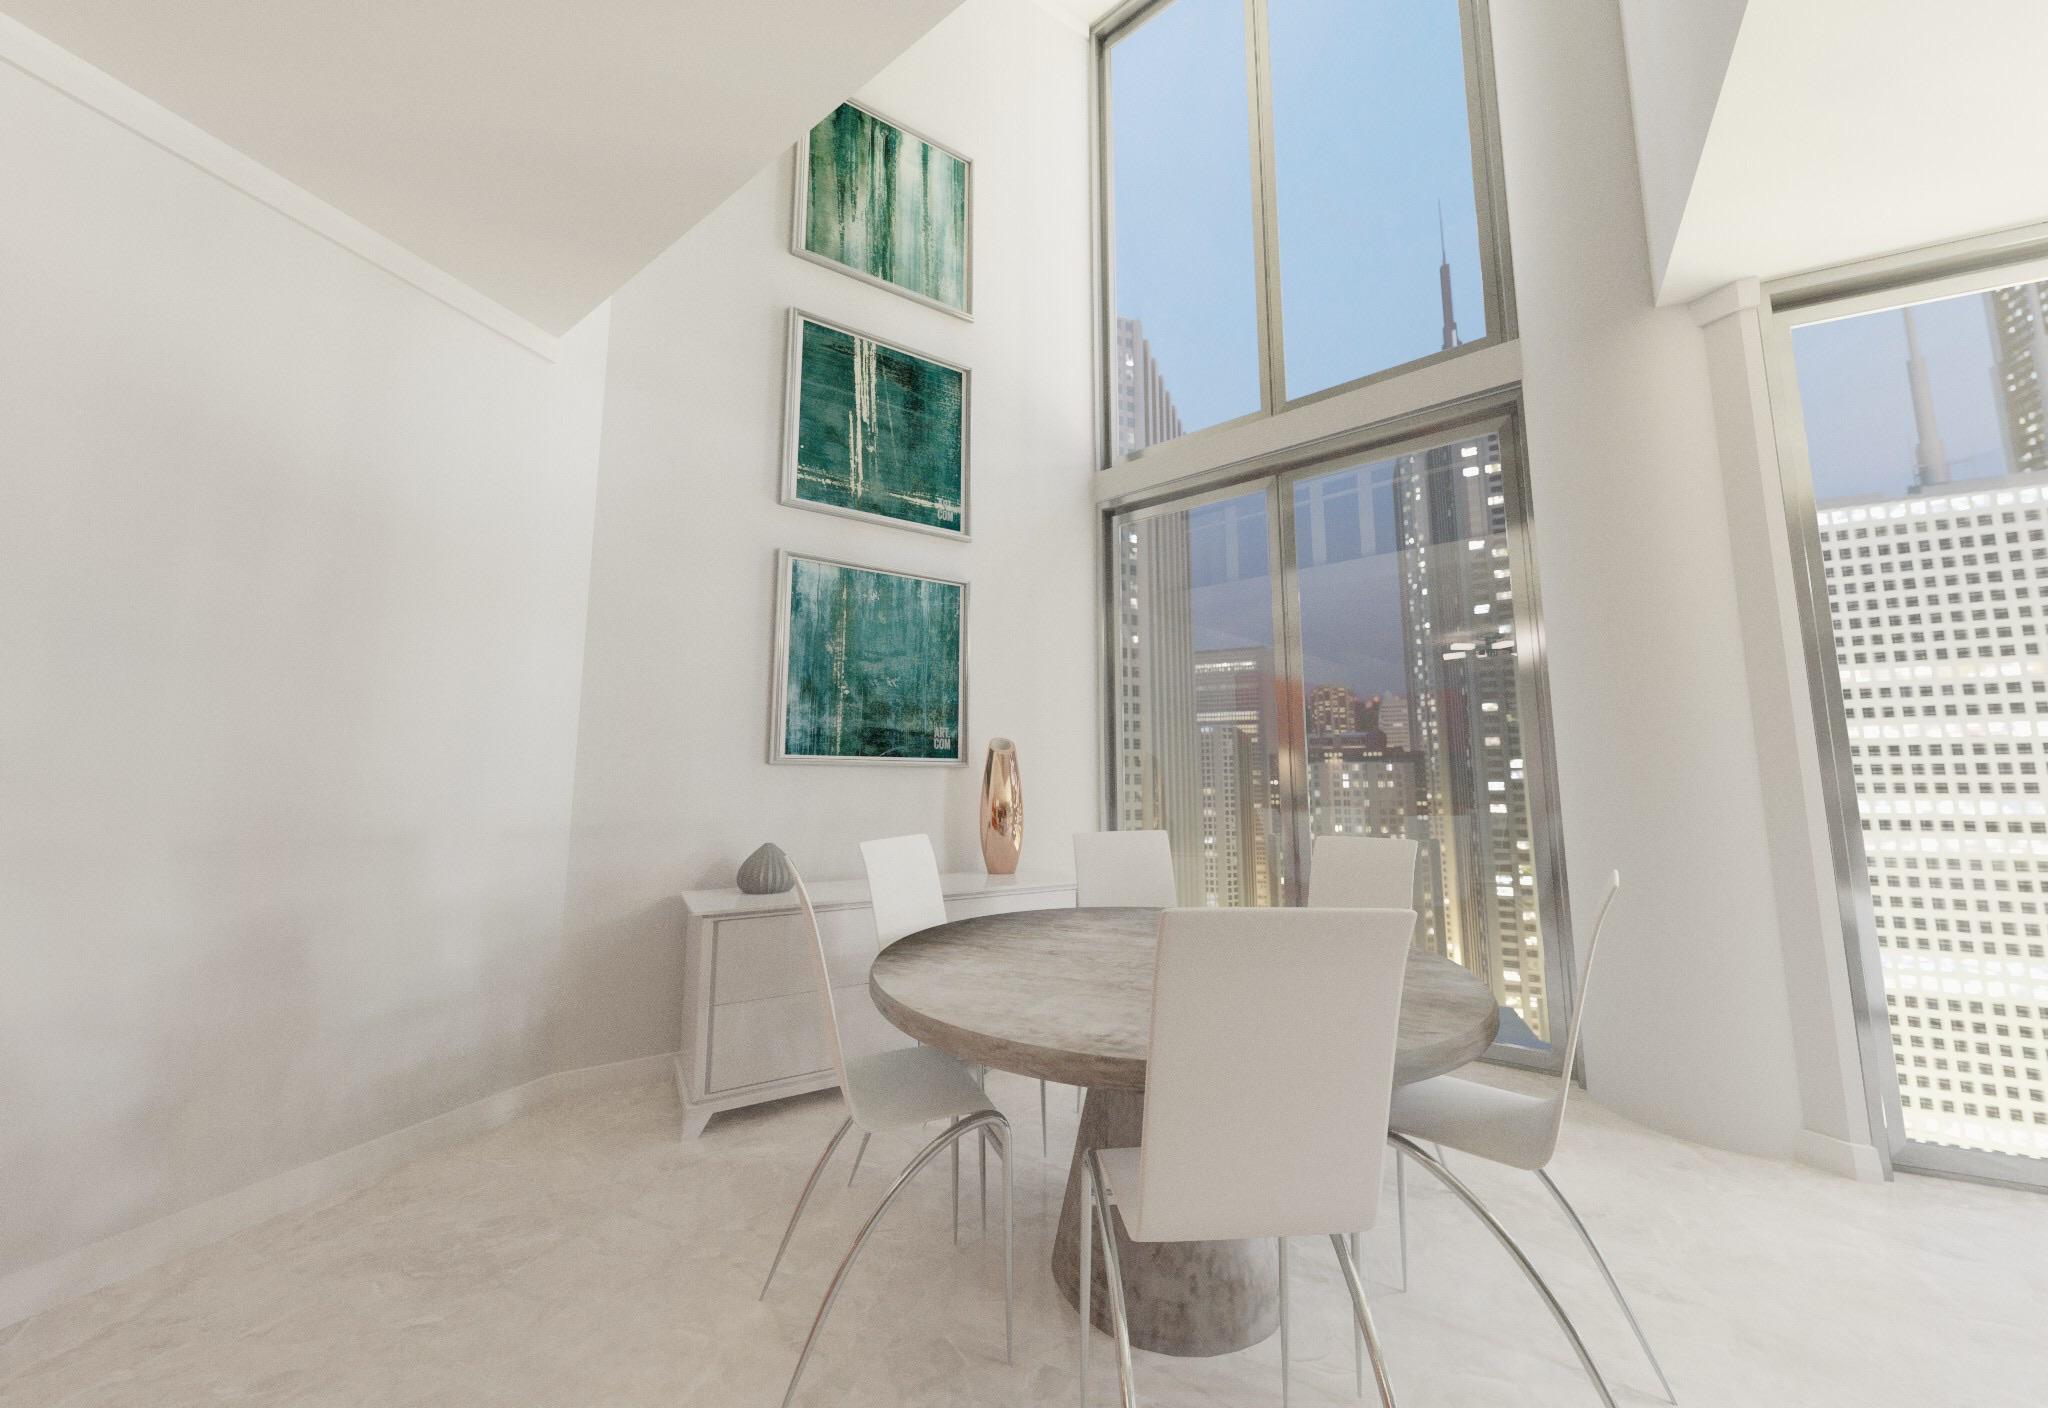 3d-rendering-affordable-interior-design08.JPG